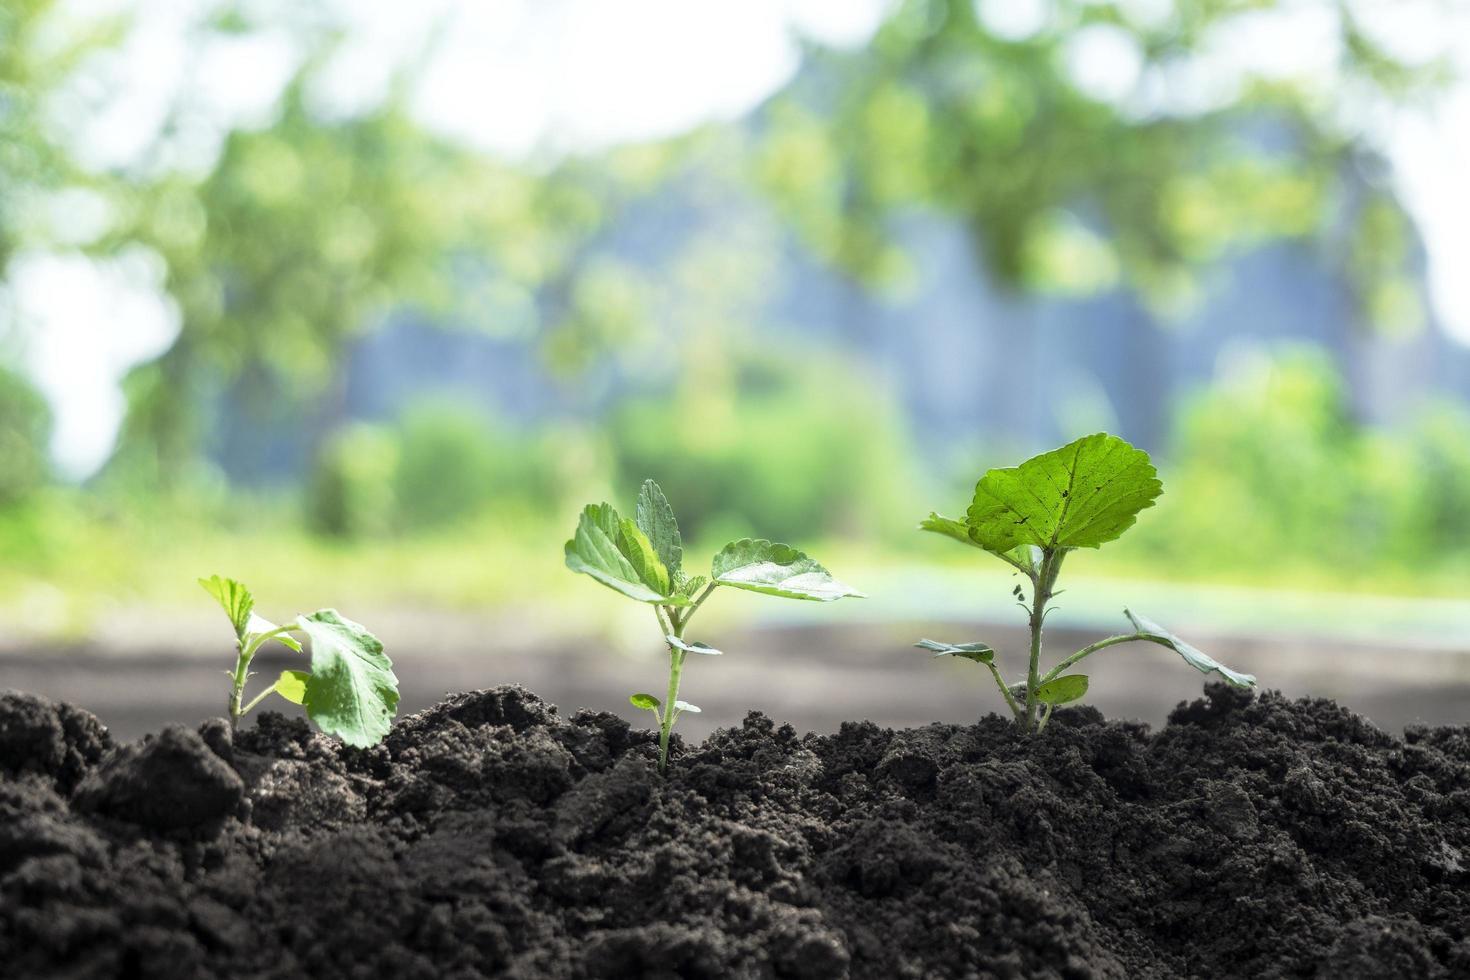 nieuwe groei uit zaden foto